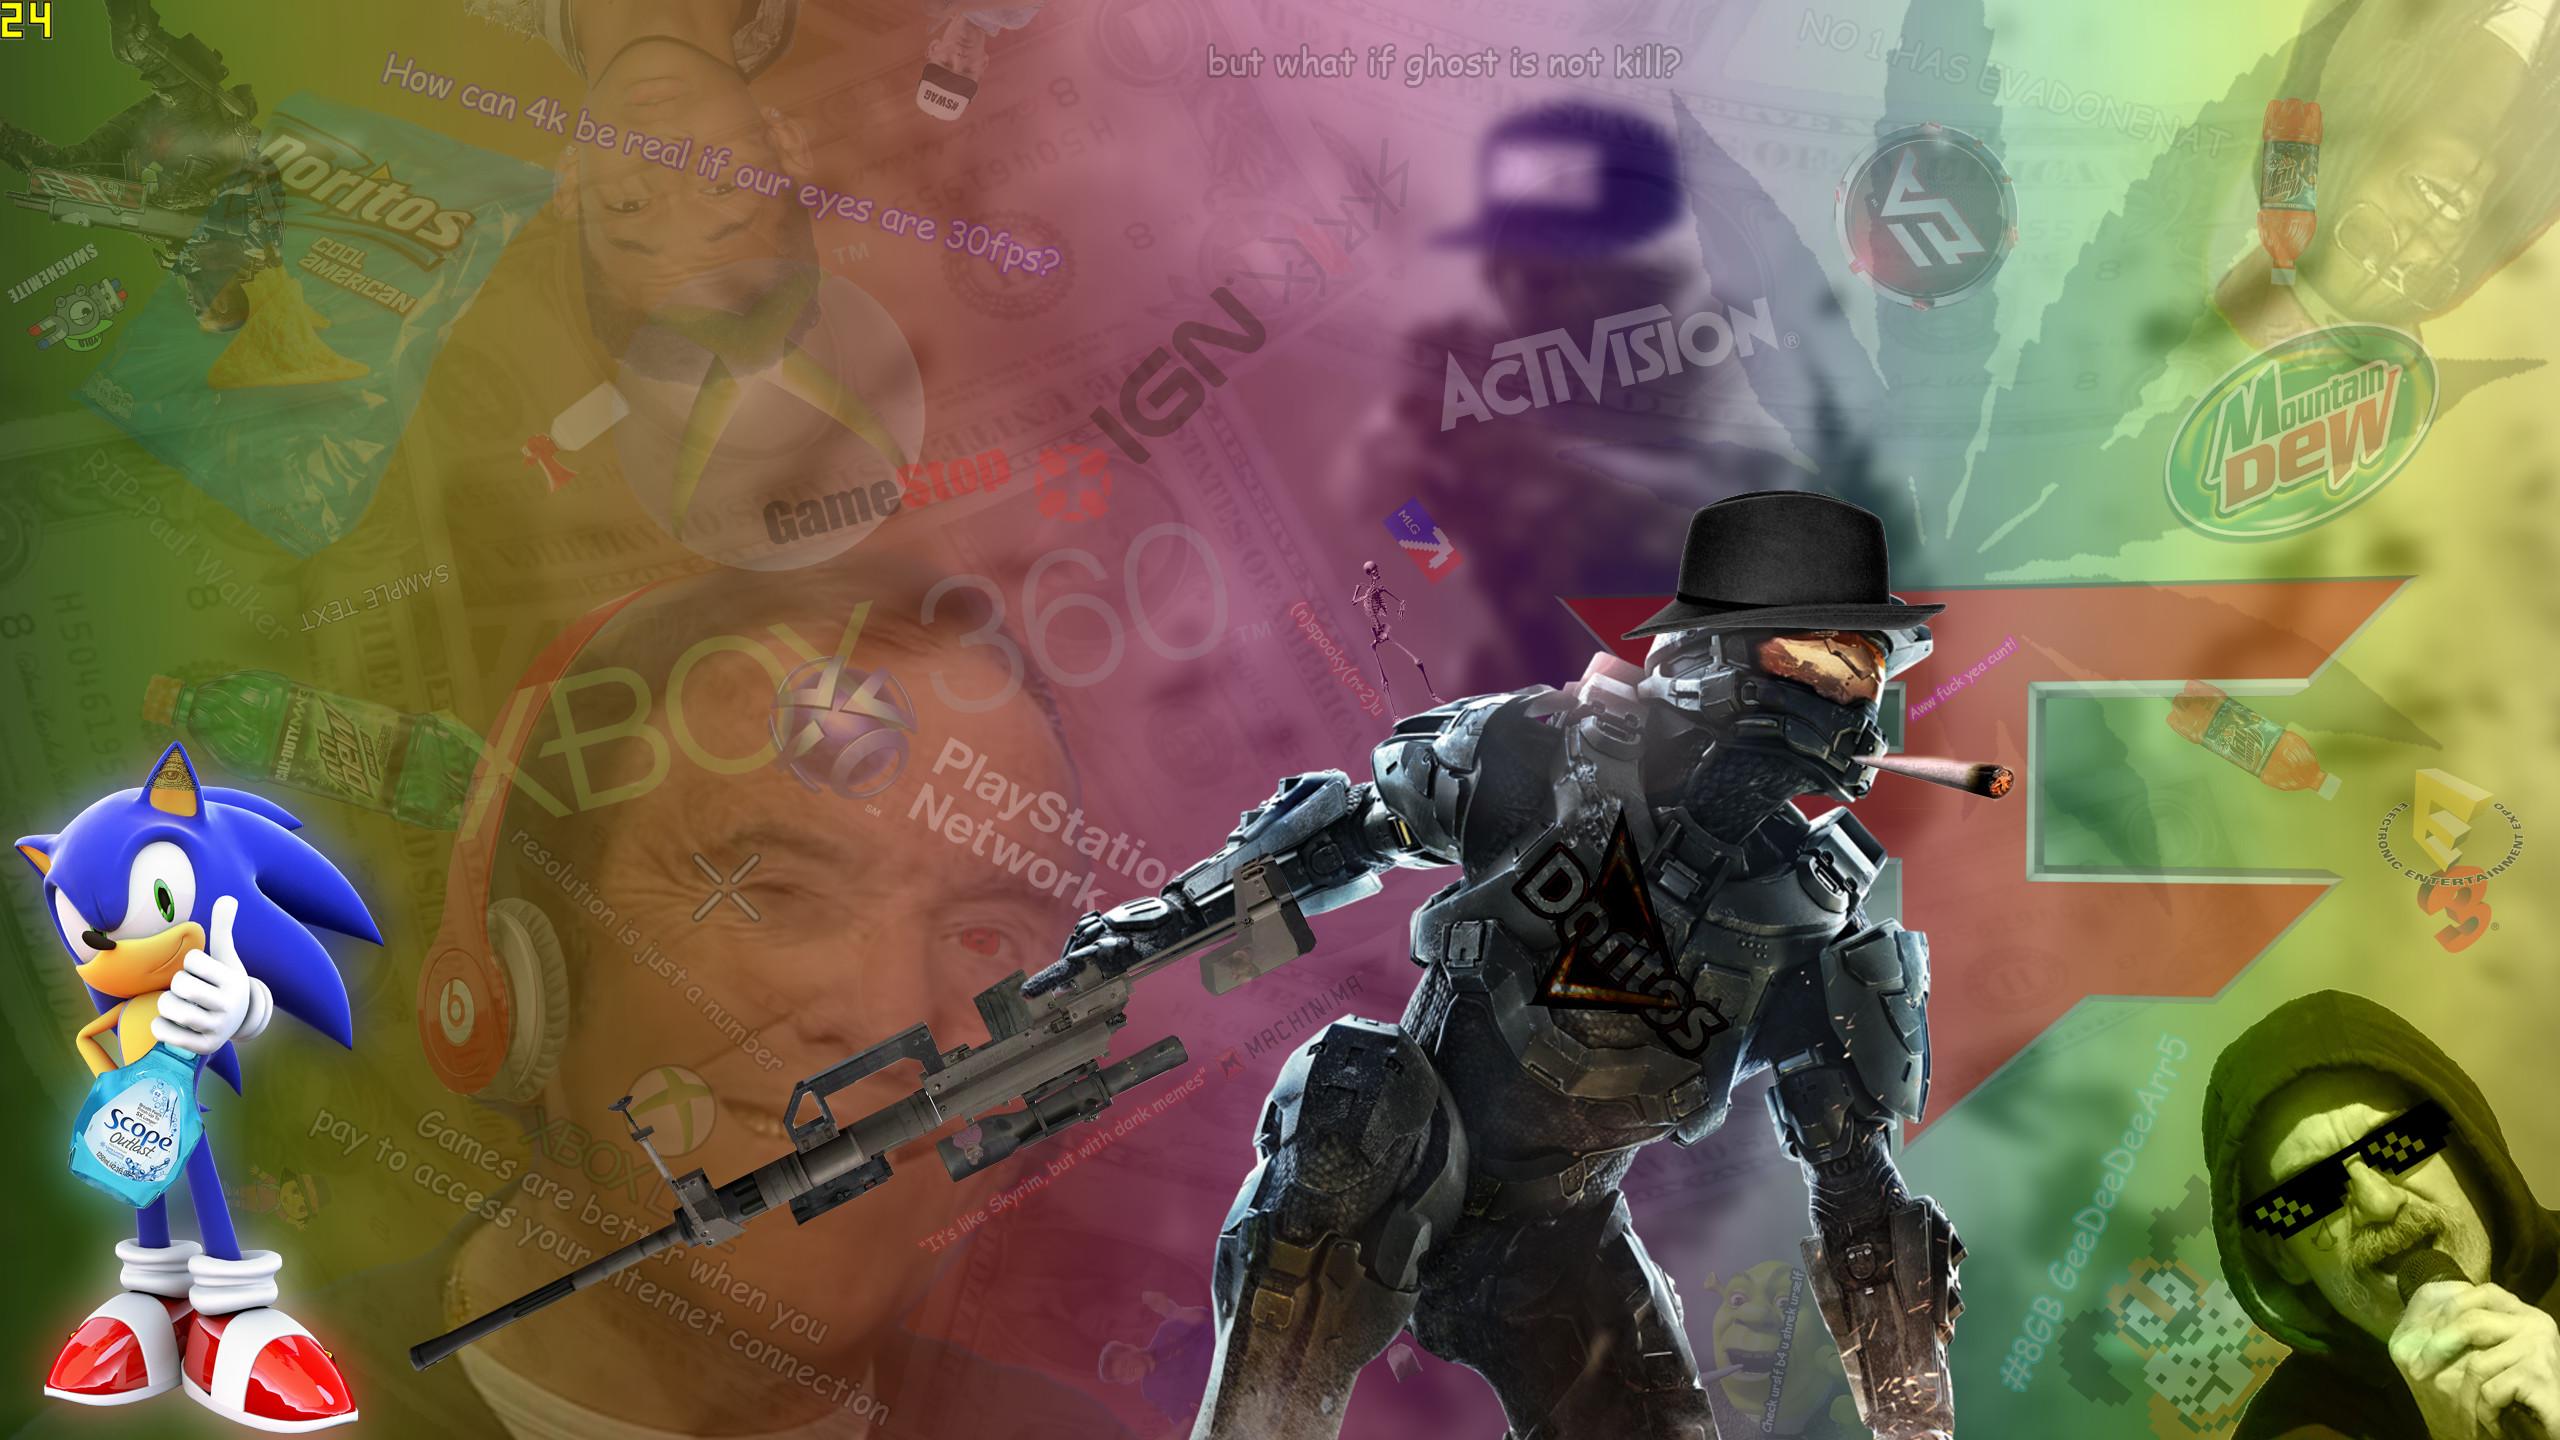 Dank Meme <b>Wallpaper</b> – WallpaperSafari